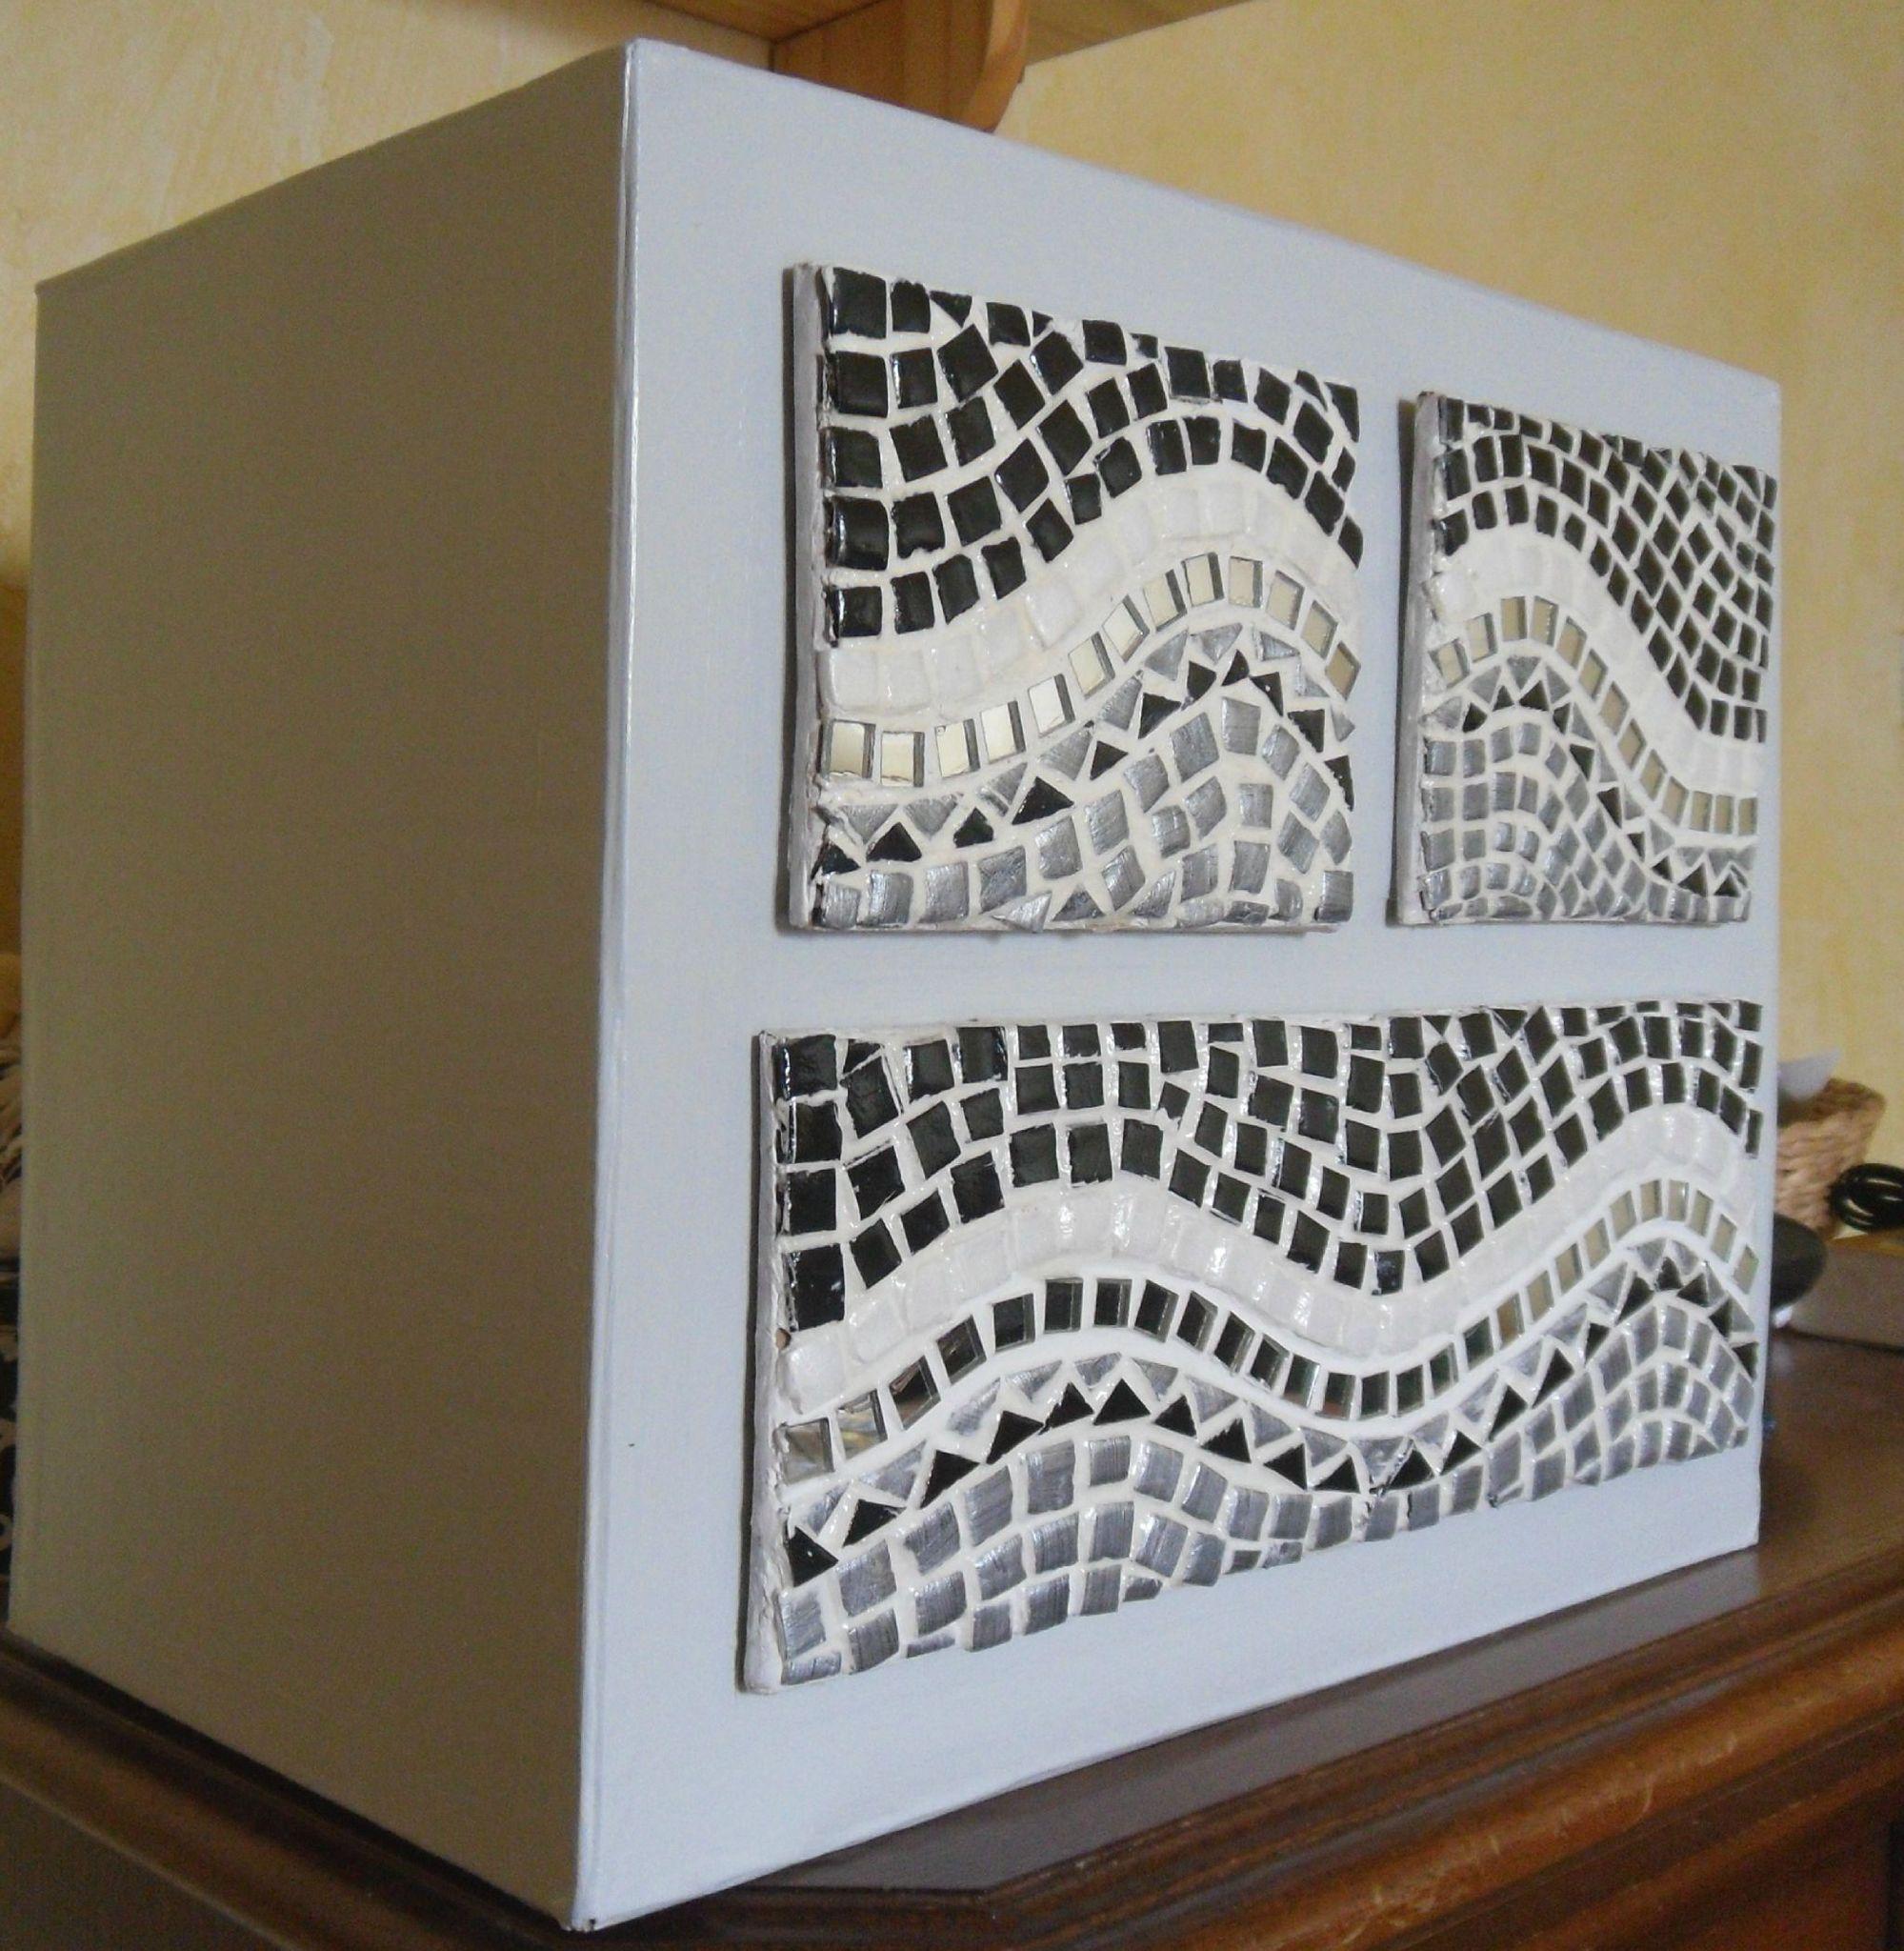 des ides qui cartonnent meuble en carton fausse mosaque rcup - Idees Mosaiques Image